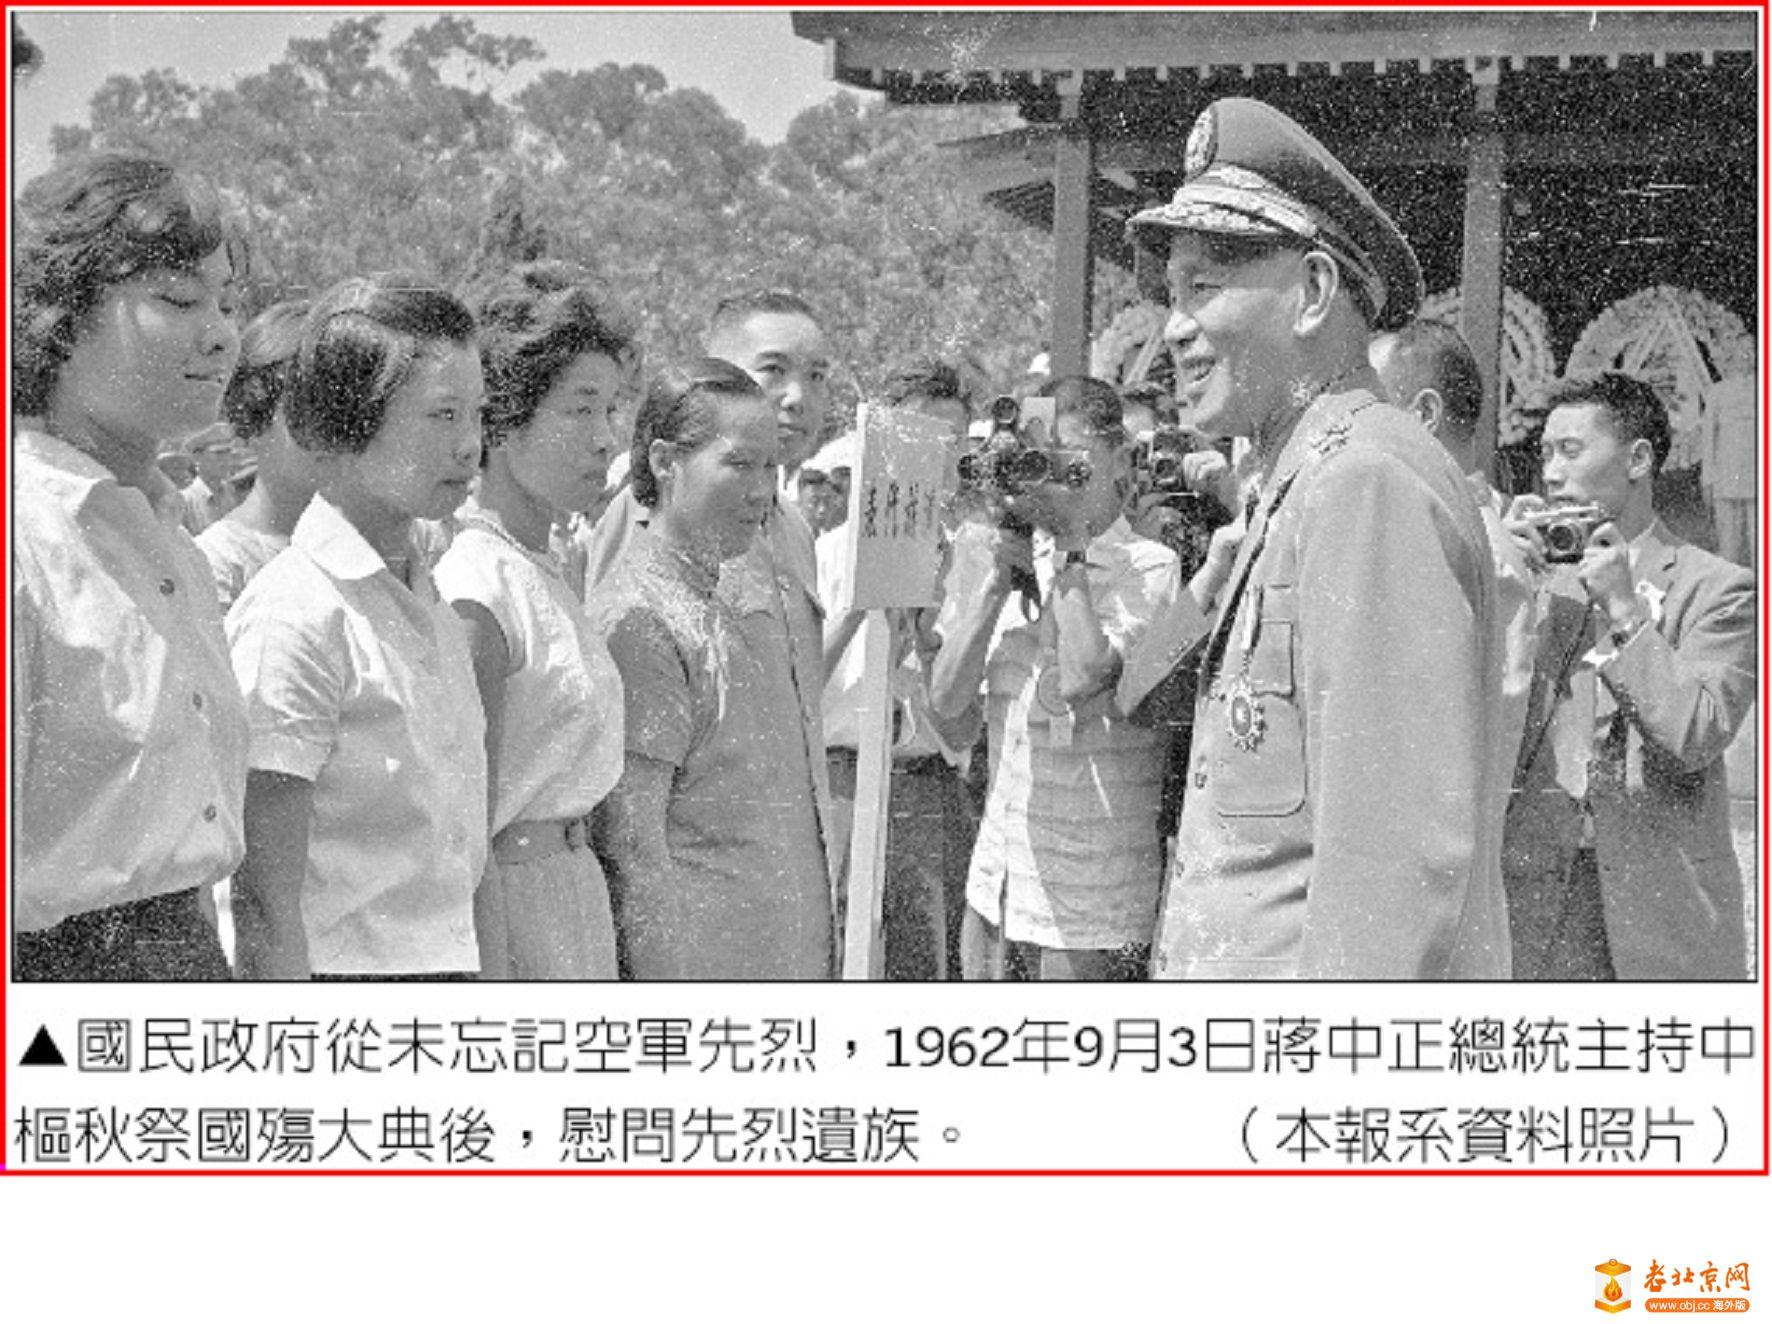 正义复位 记重庆汪山空军英烈 -抗战忠烈传奇(之九)